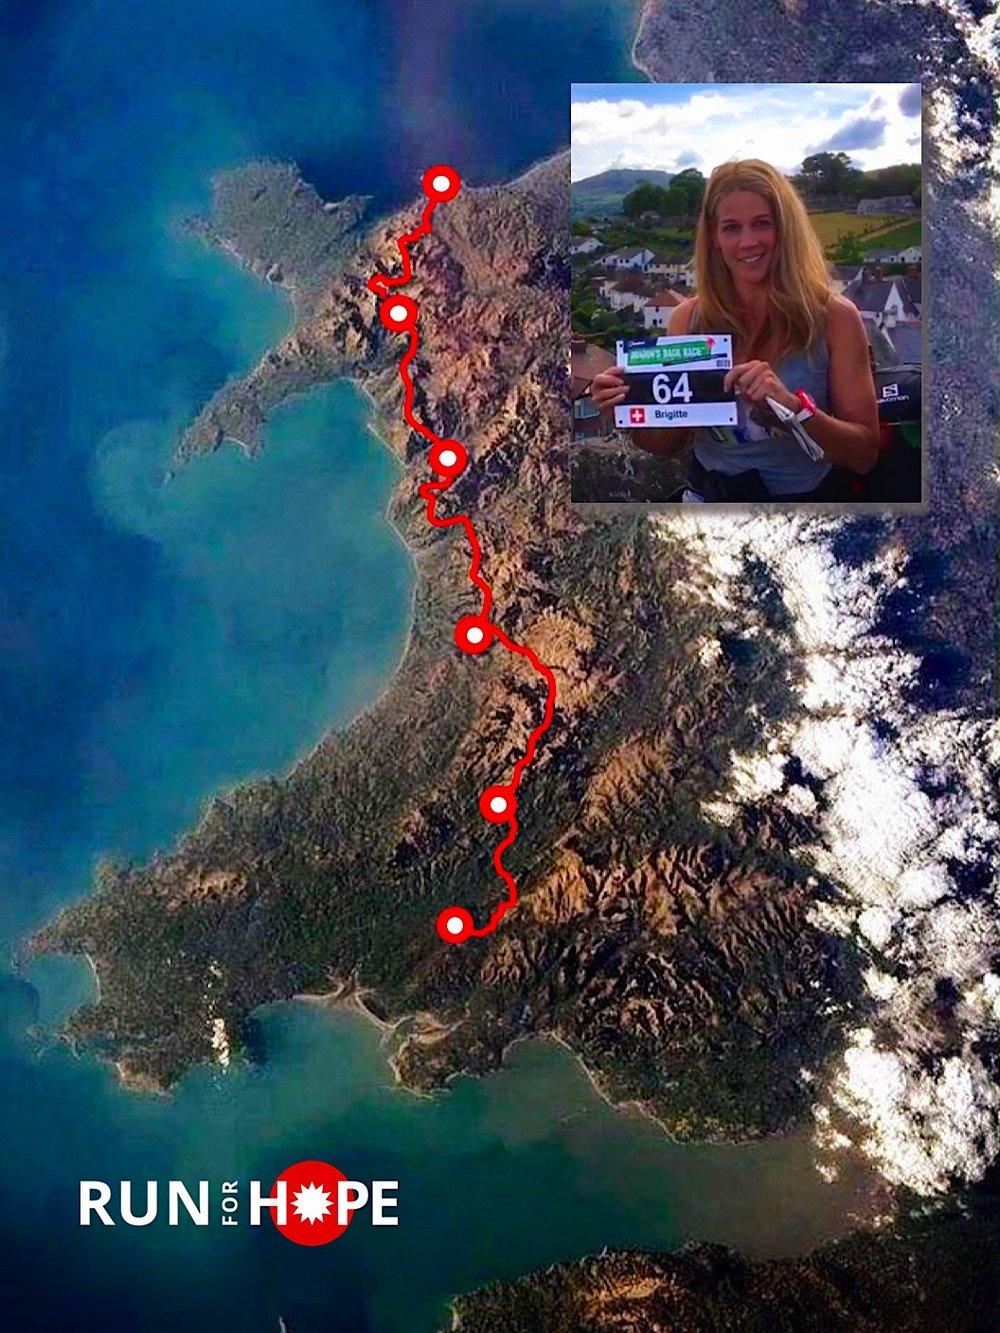 Run-For-Hope-Route-2017_Brigitte_Daxelhoffer.jpg